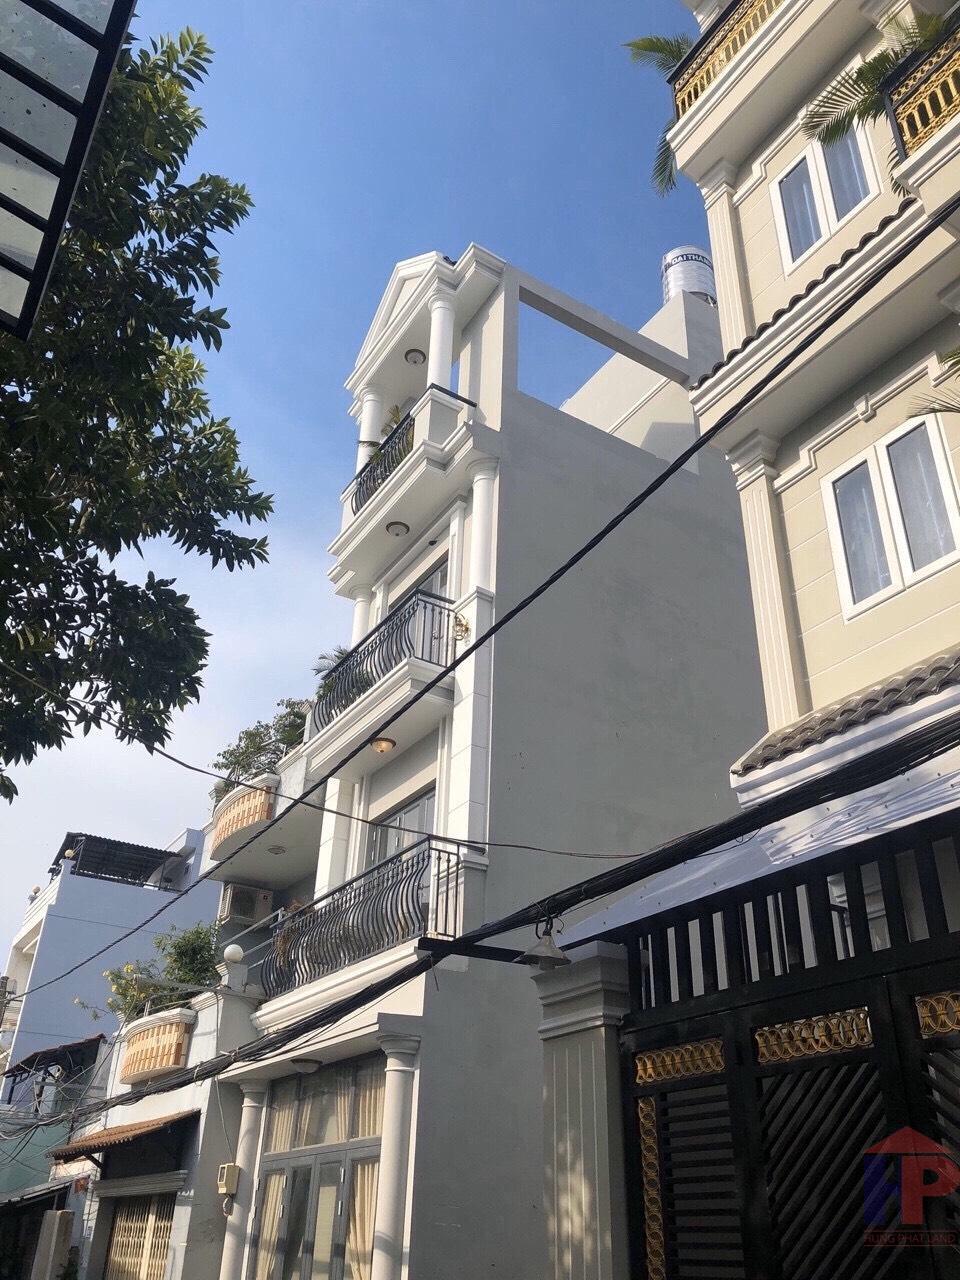 Bán gấp nhà hẻm Đường Trần Xuân Soạn, phường Tân Hưng DT 4 x 13.75m Giá 6.5 tỷ LH 0909477288